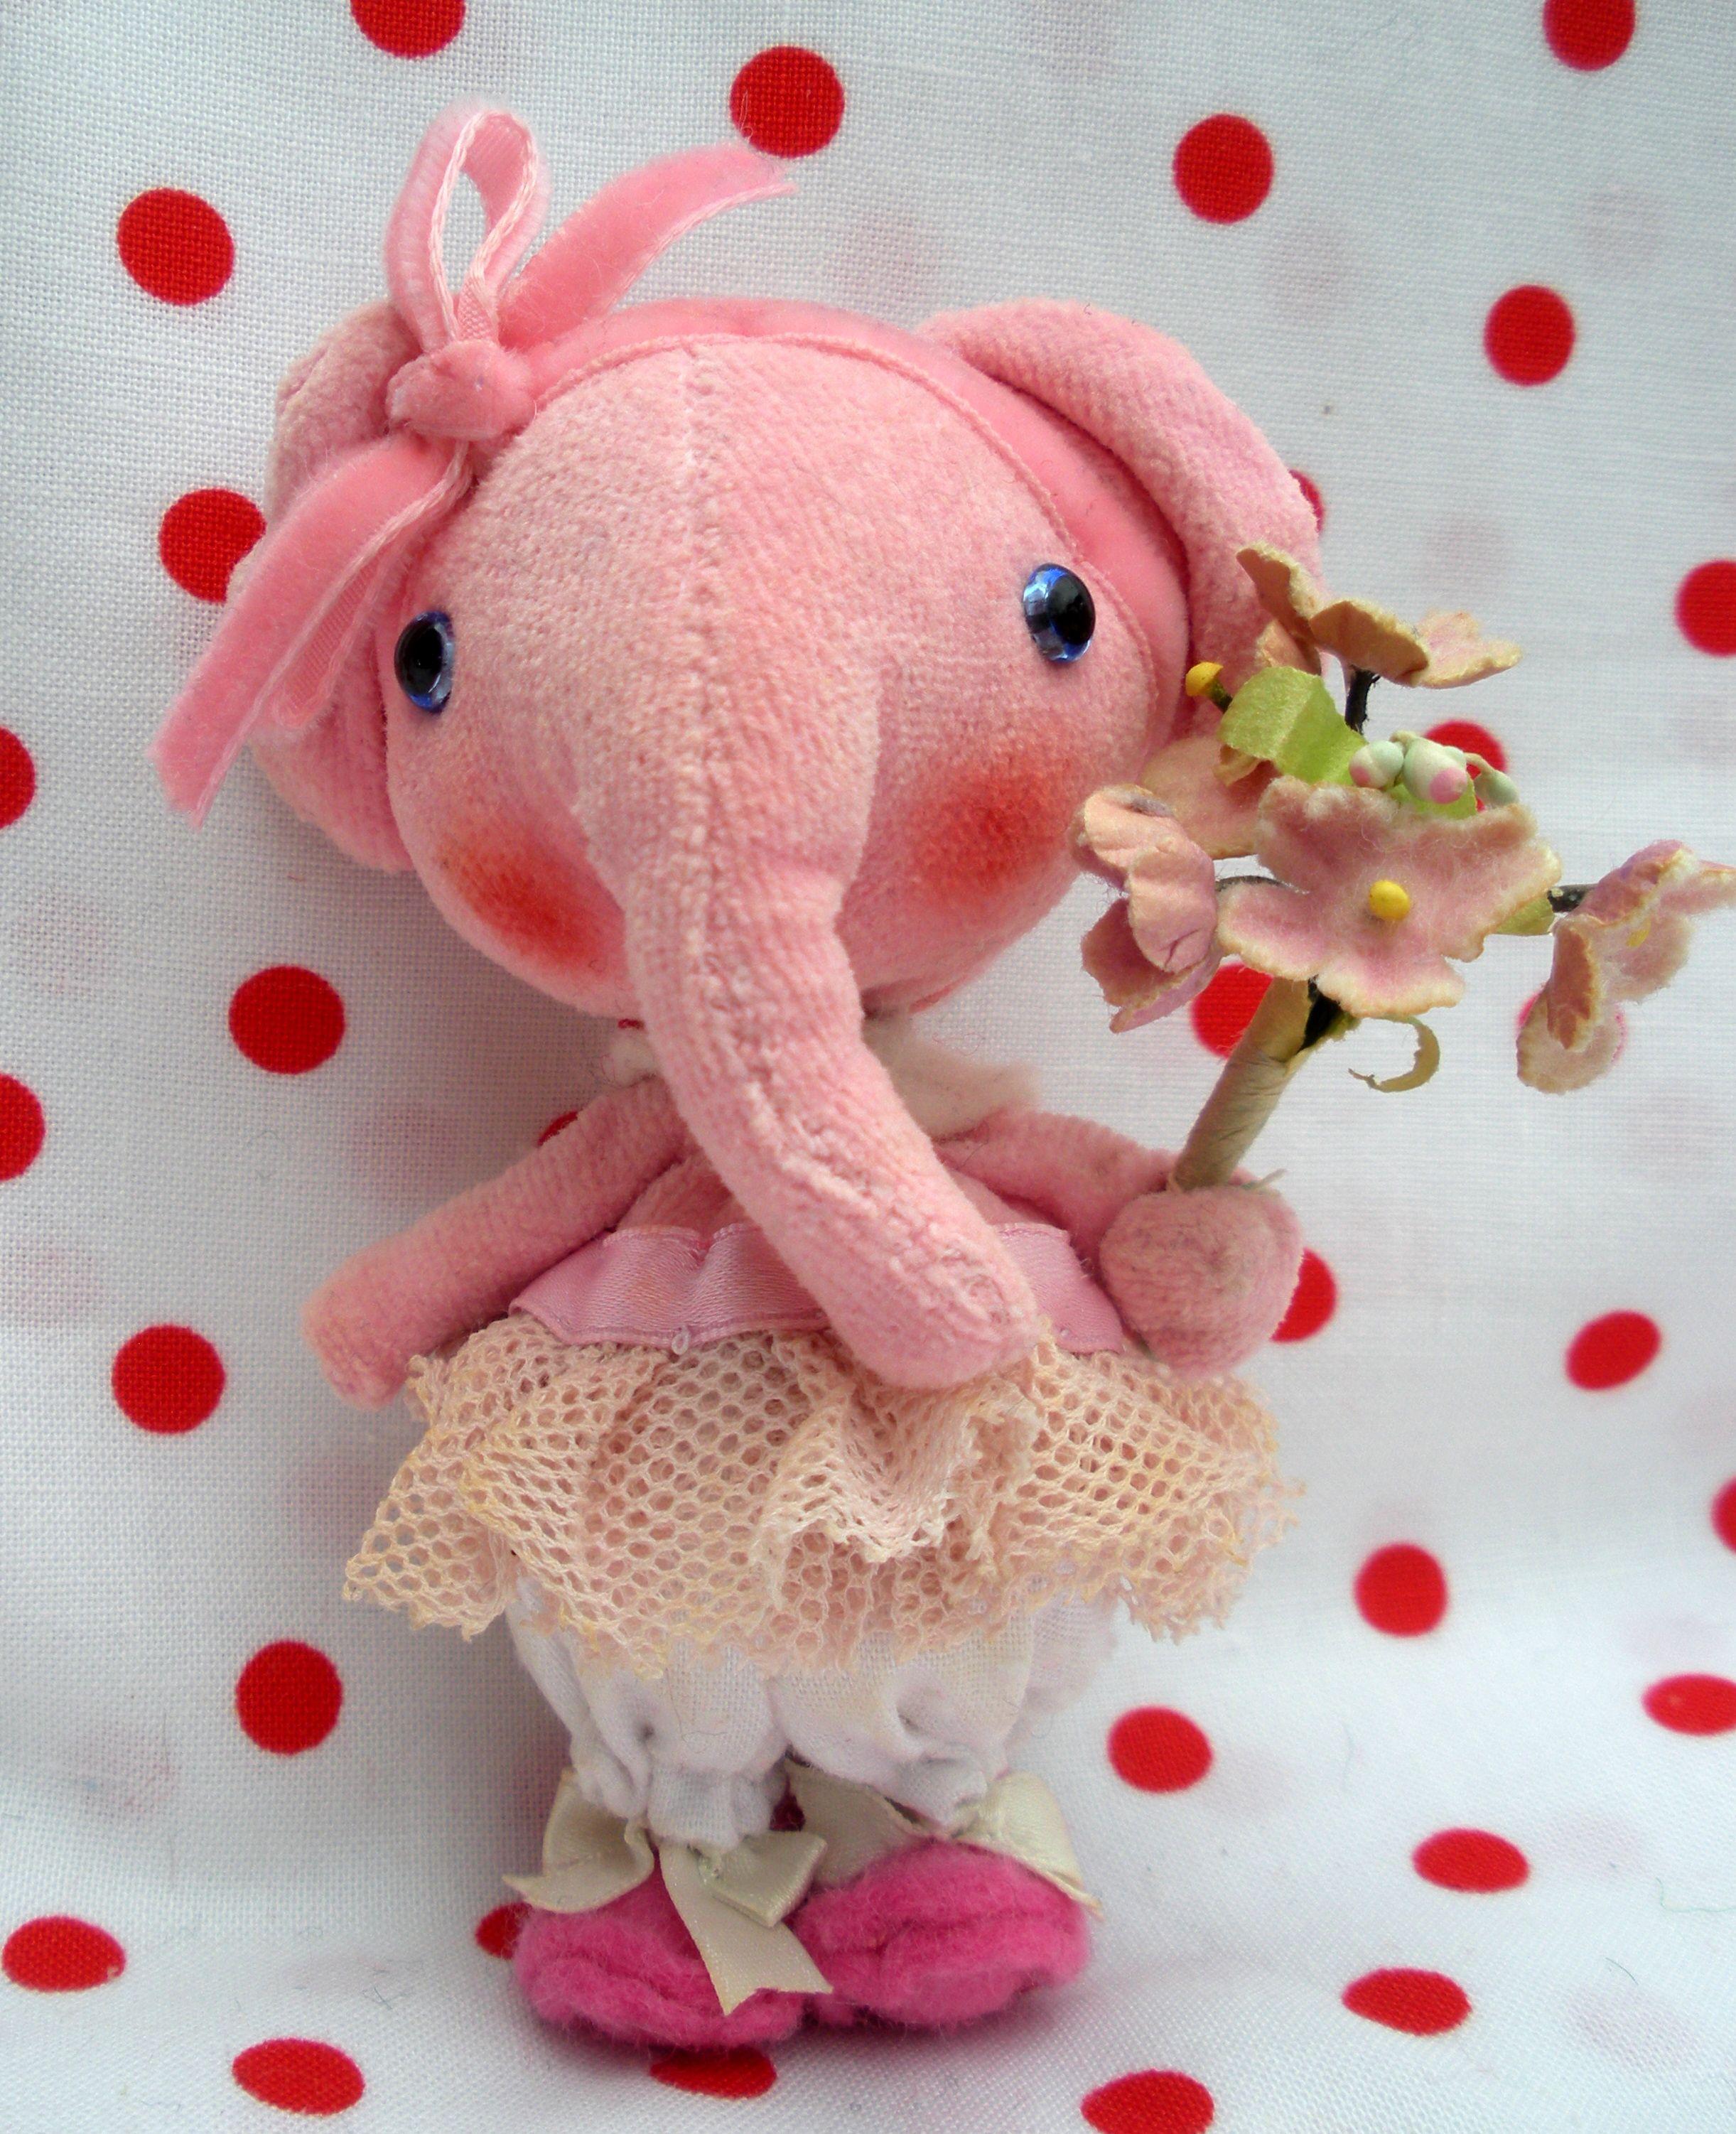 Little Ella Bella Gumdrop | Muñecas, muñecos y muñequitos ...